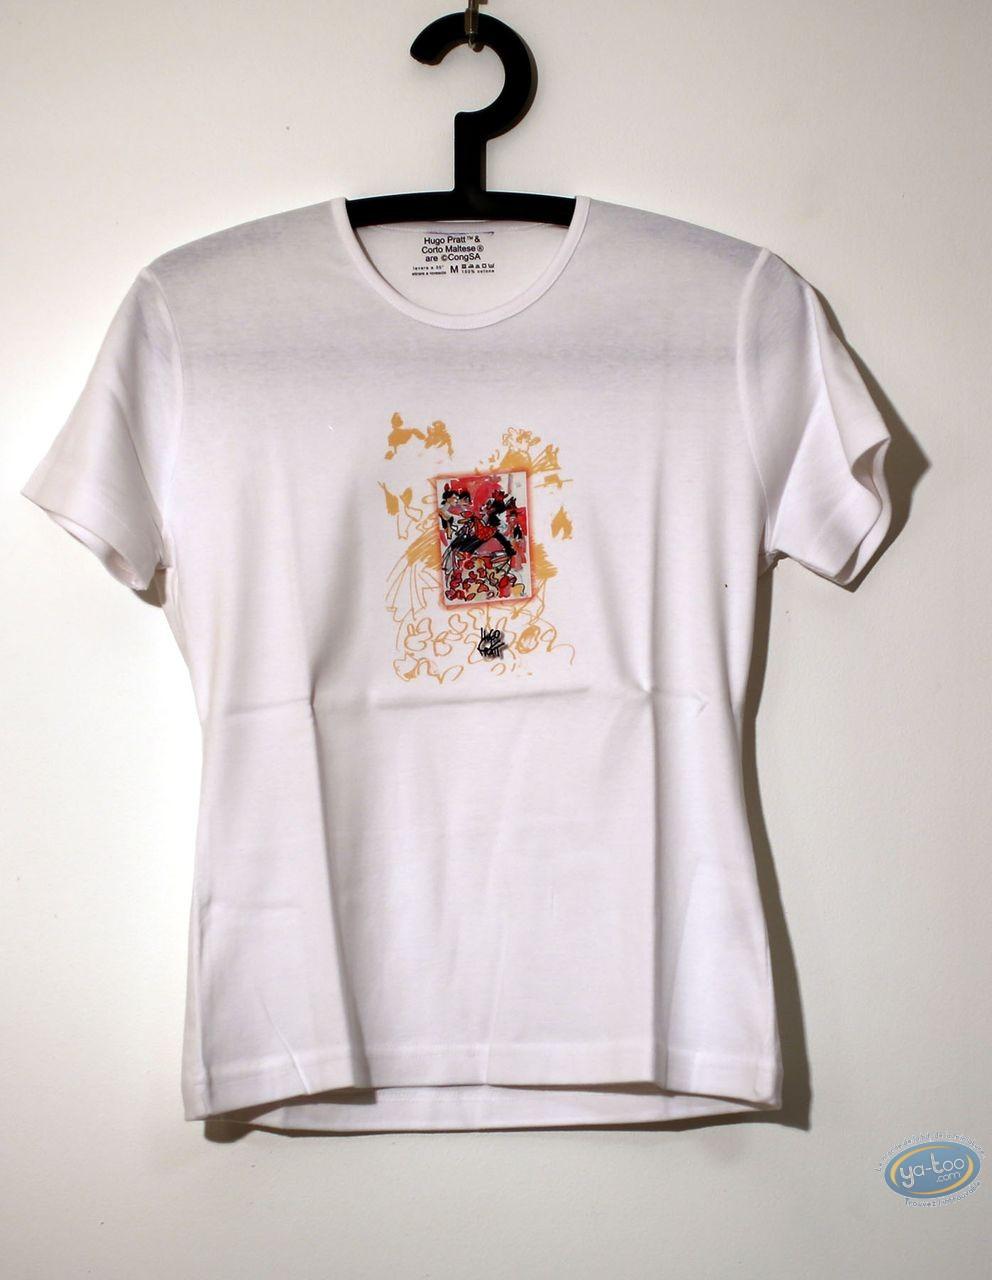 Clothes, Corto Maltese : T-shirt, Corto Maltese : Lady 01/01 Flamenco size M